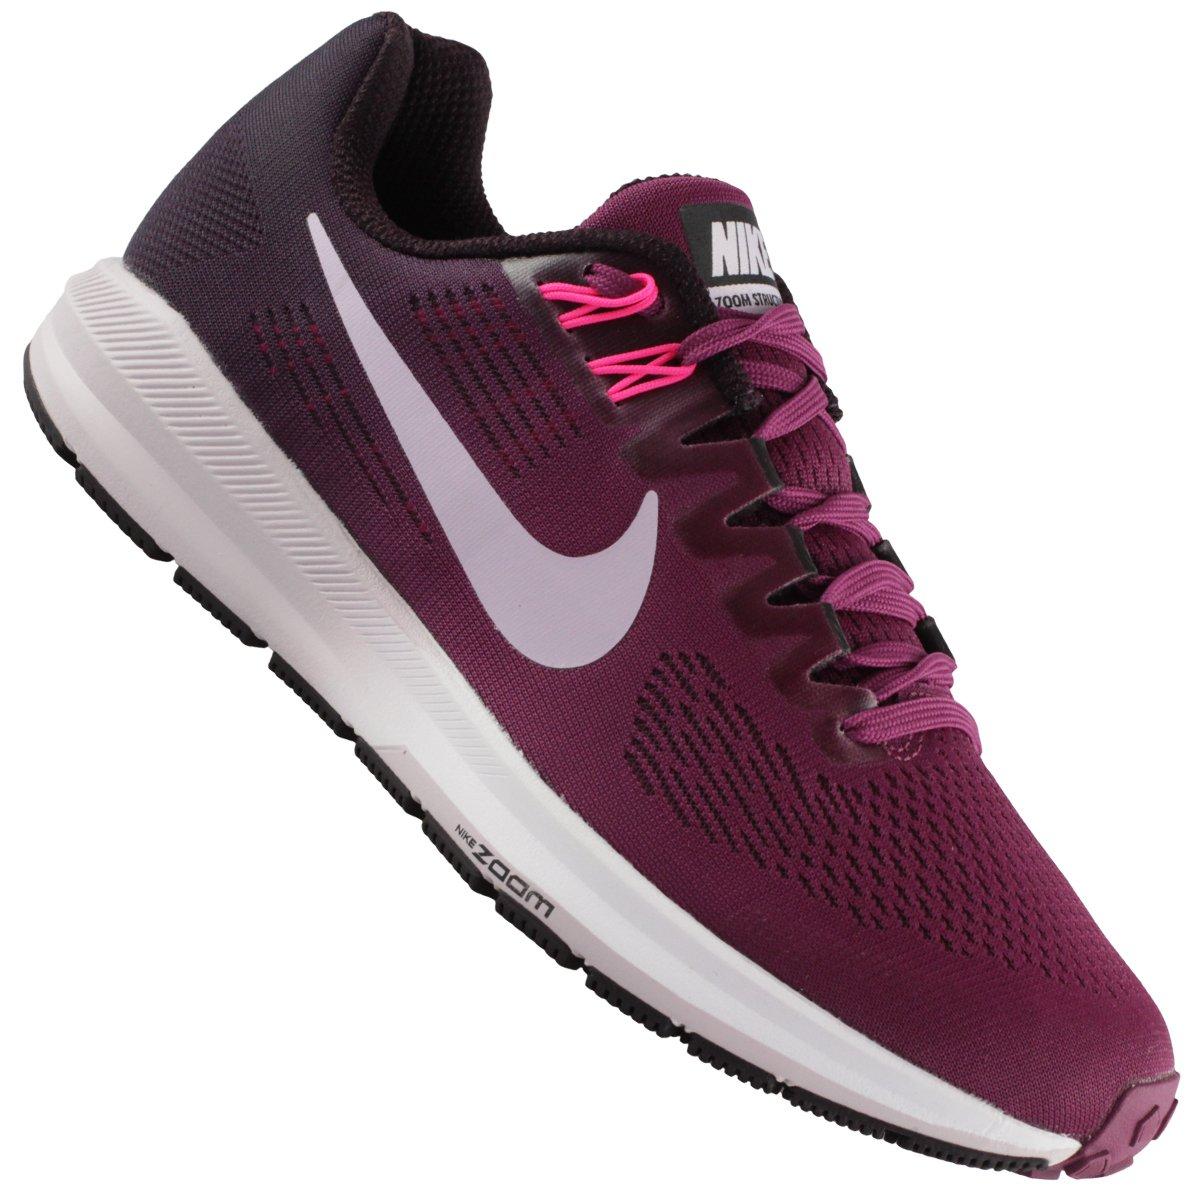 b6d10d4750 Tênis e Sapatos para Esportes - Treino e Corrida